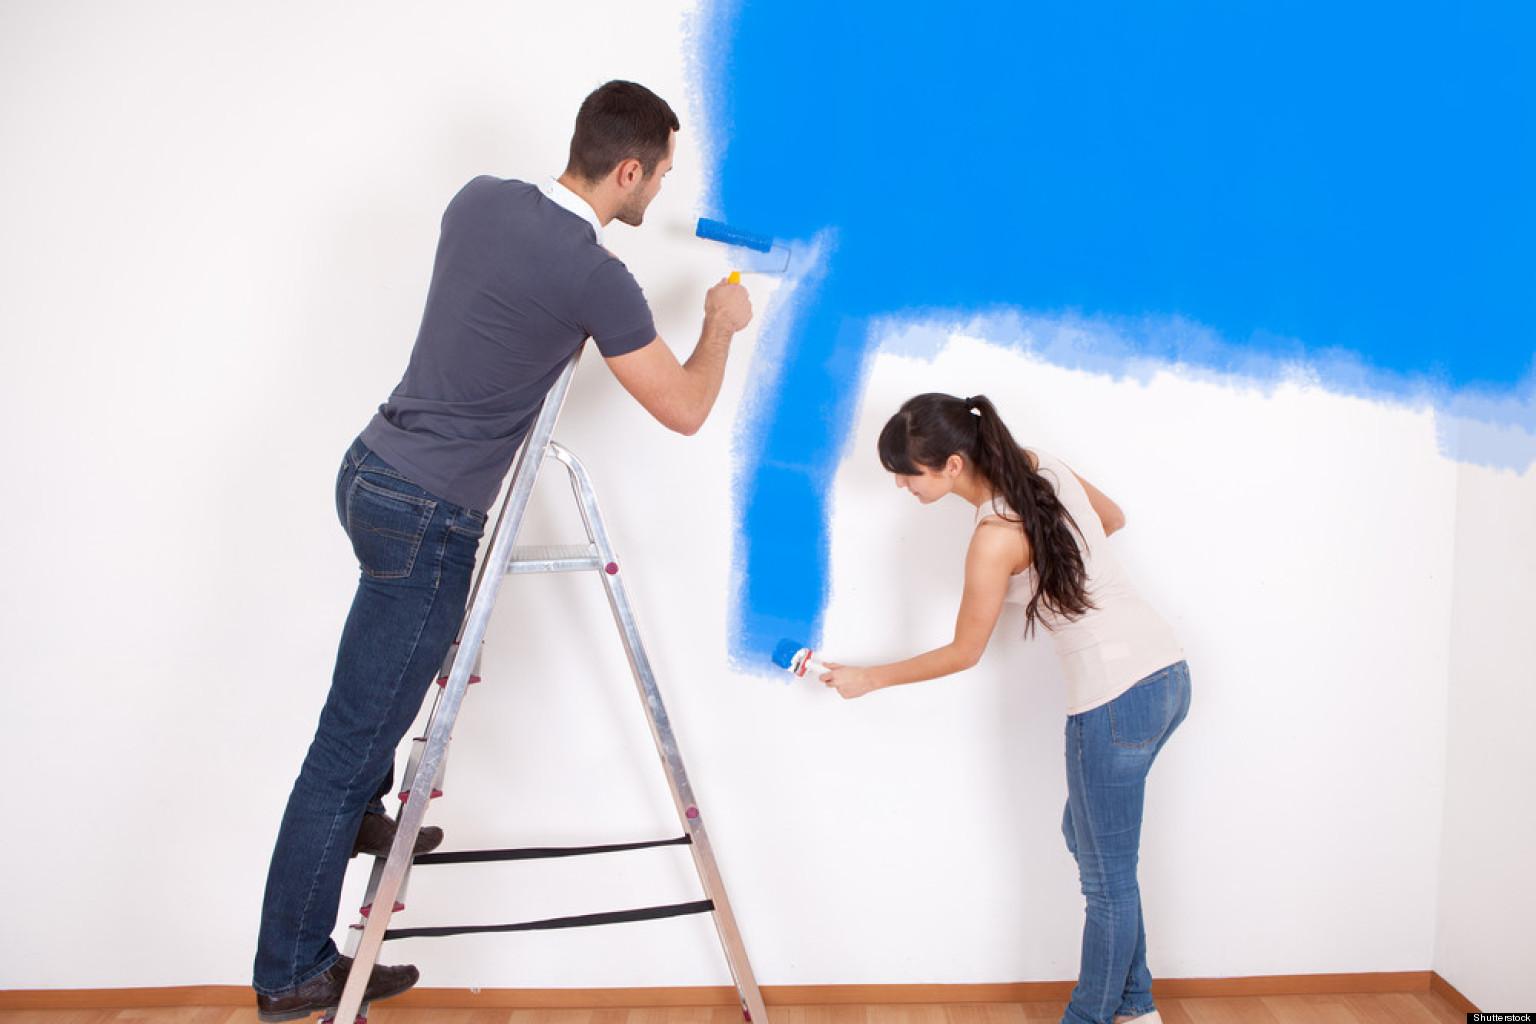 Các kỹ thuật sơn nhà căn bản